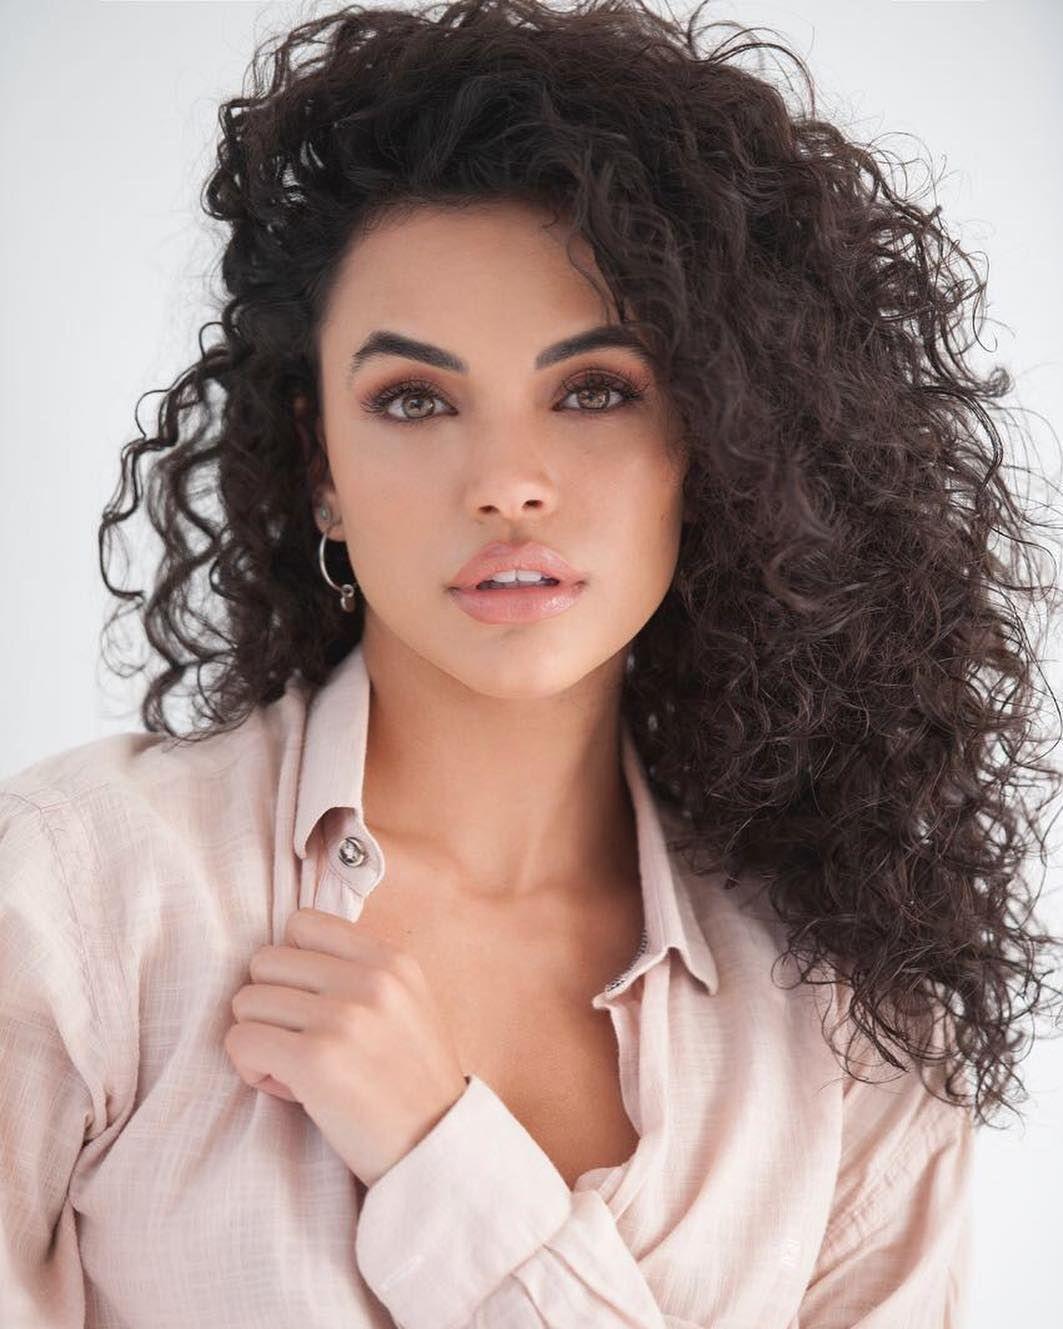 Giovana Cordeiro | Coffee hair, Curly hair photos, Curly hair styles